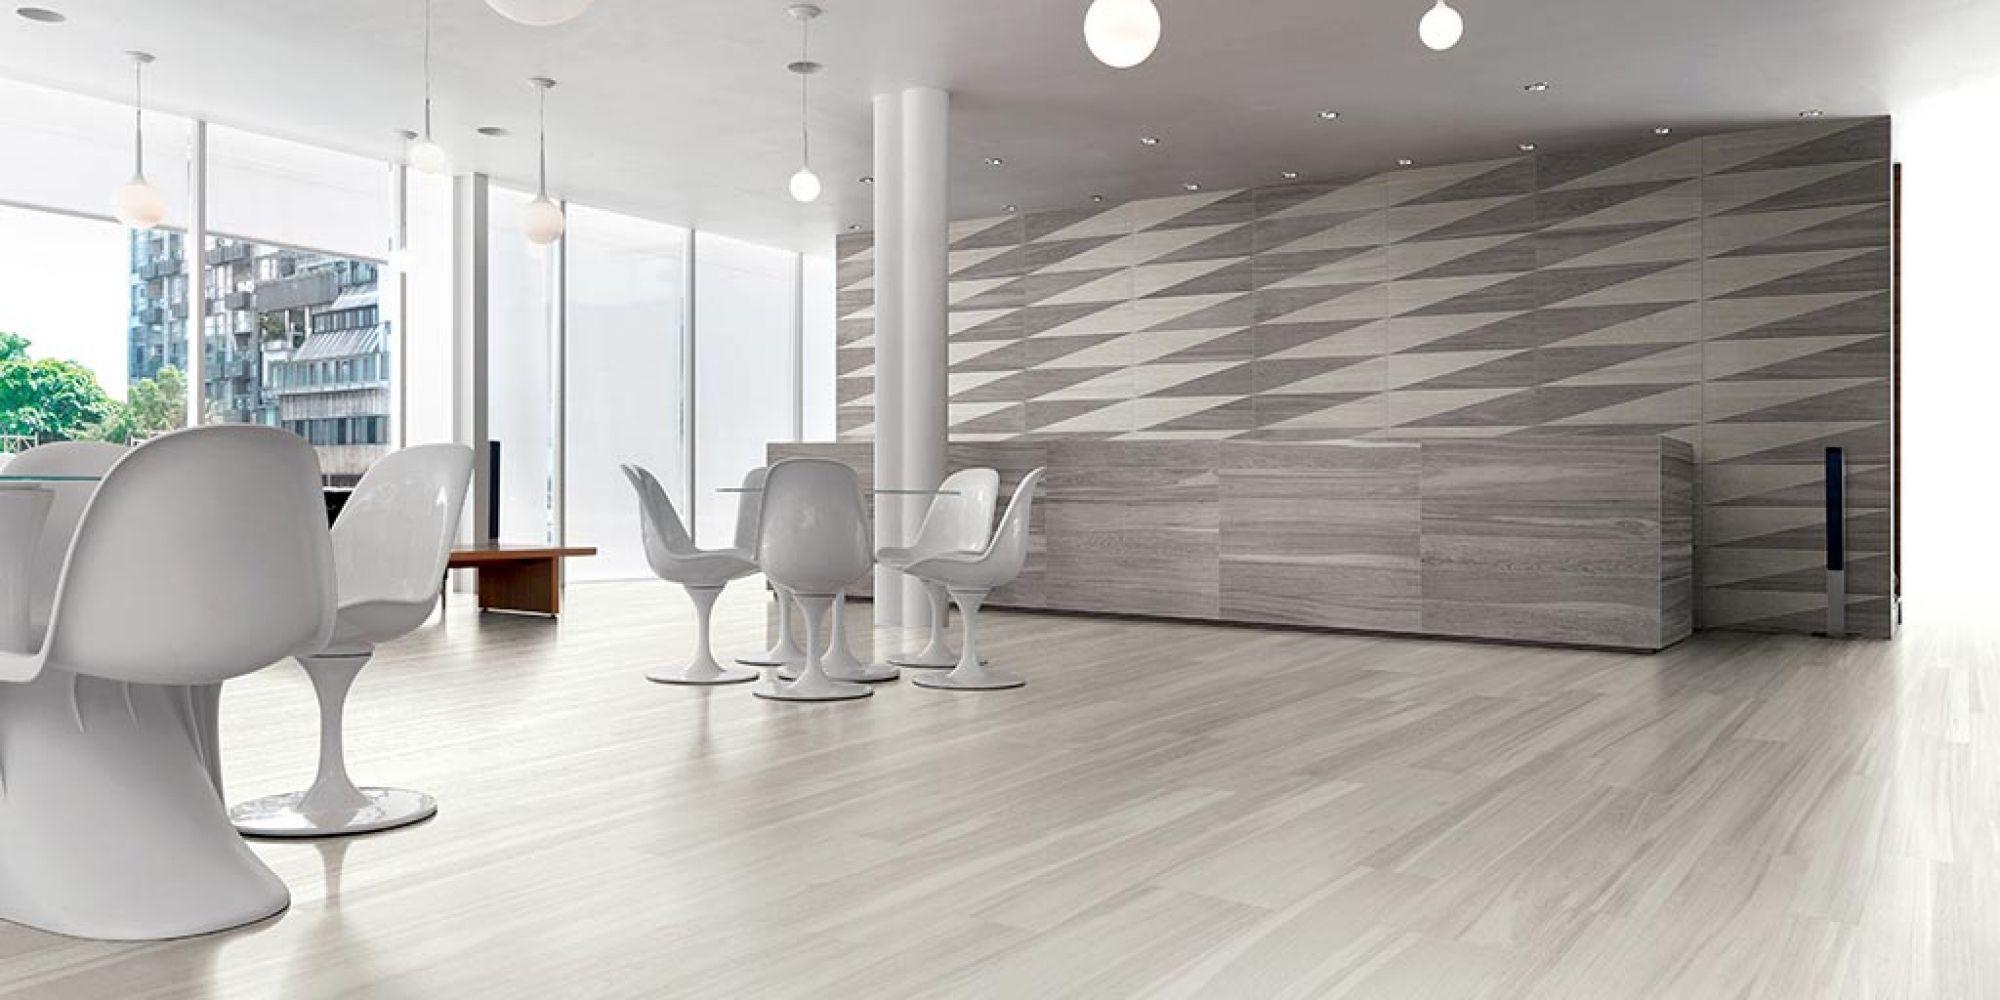 Pavimenti interni gres porcellanato effetto legno chiaro for Tipi di arredamento